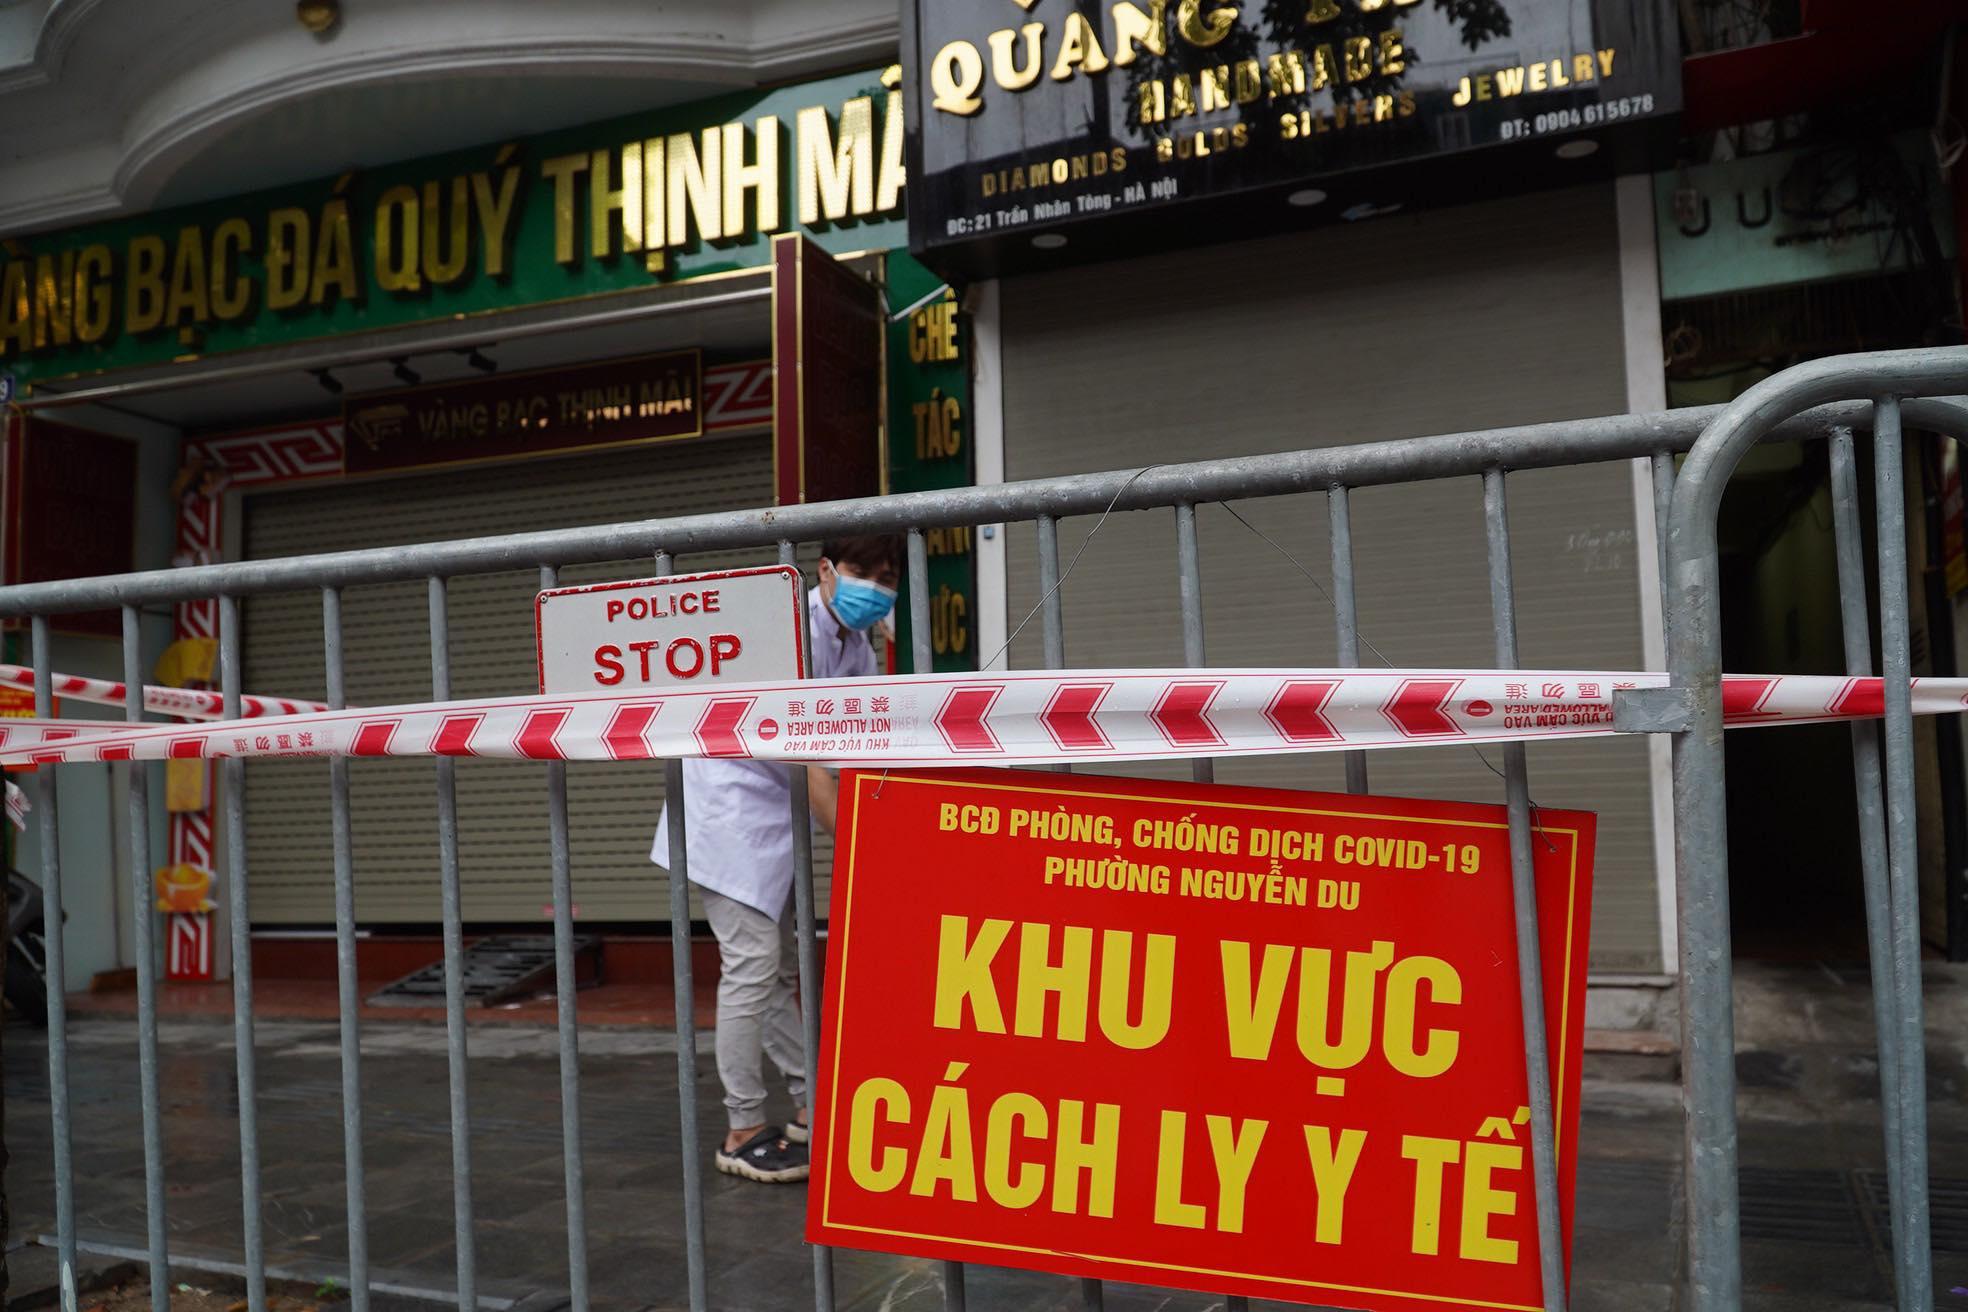 Hà Nội: Đã có kết quả xét nghiệm 168 người liên quan ca COVID-19 tử vong ở Trần Nhân Tông - 1